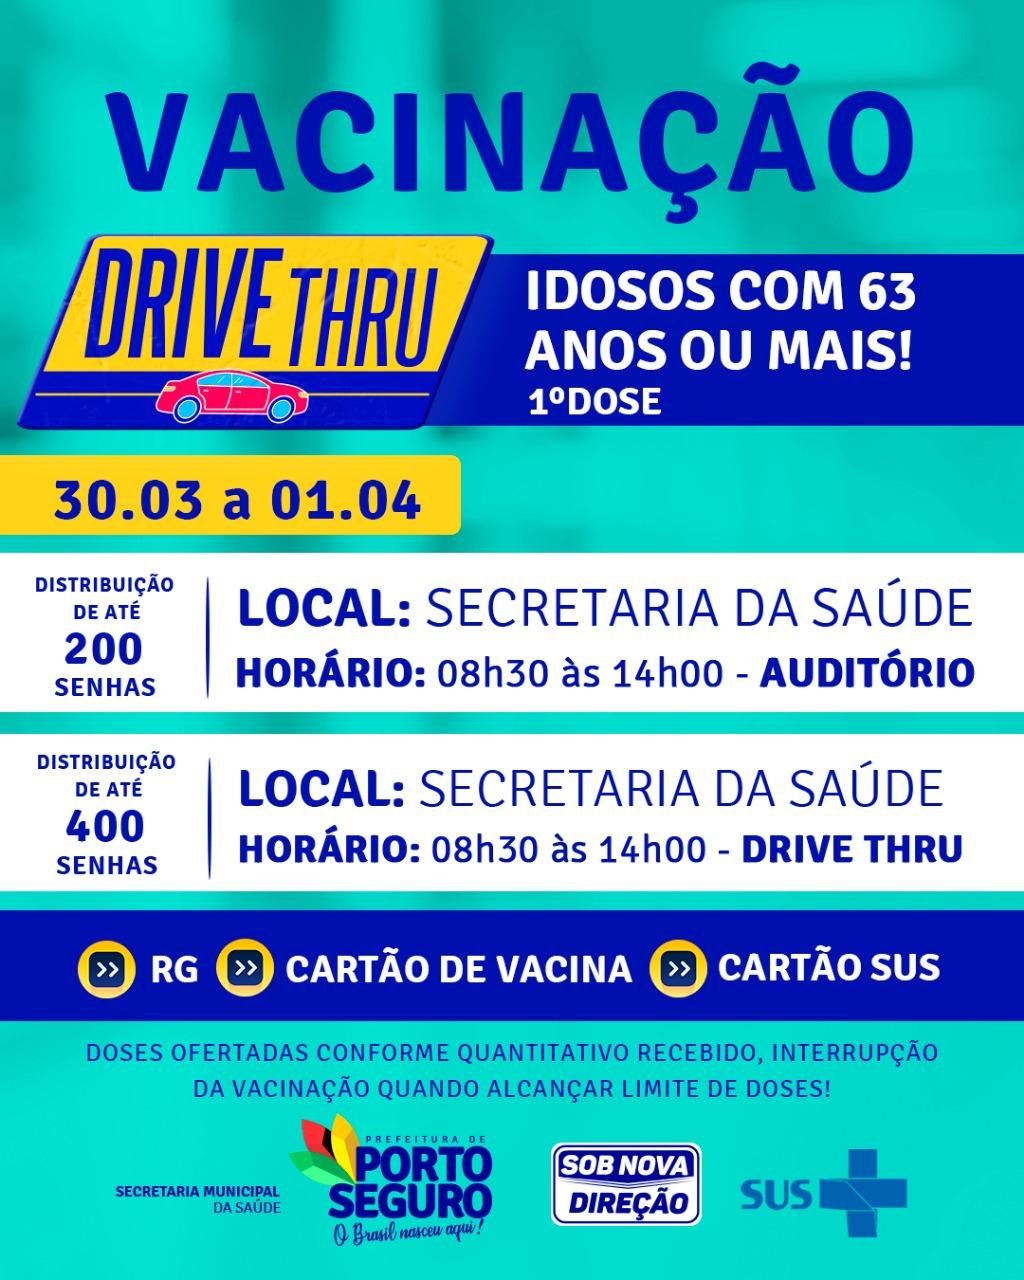 O foco da Terra Mãe do Brasil é vacinar idosos com 63 anos ou mais! 20